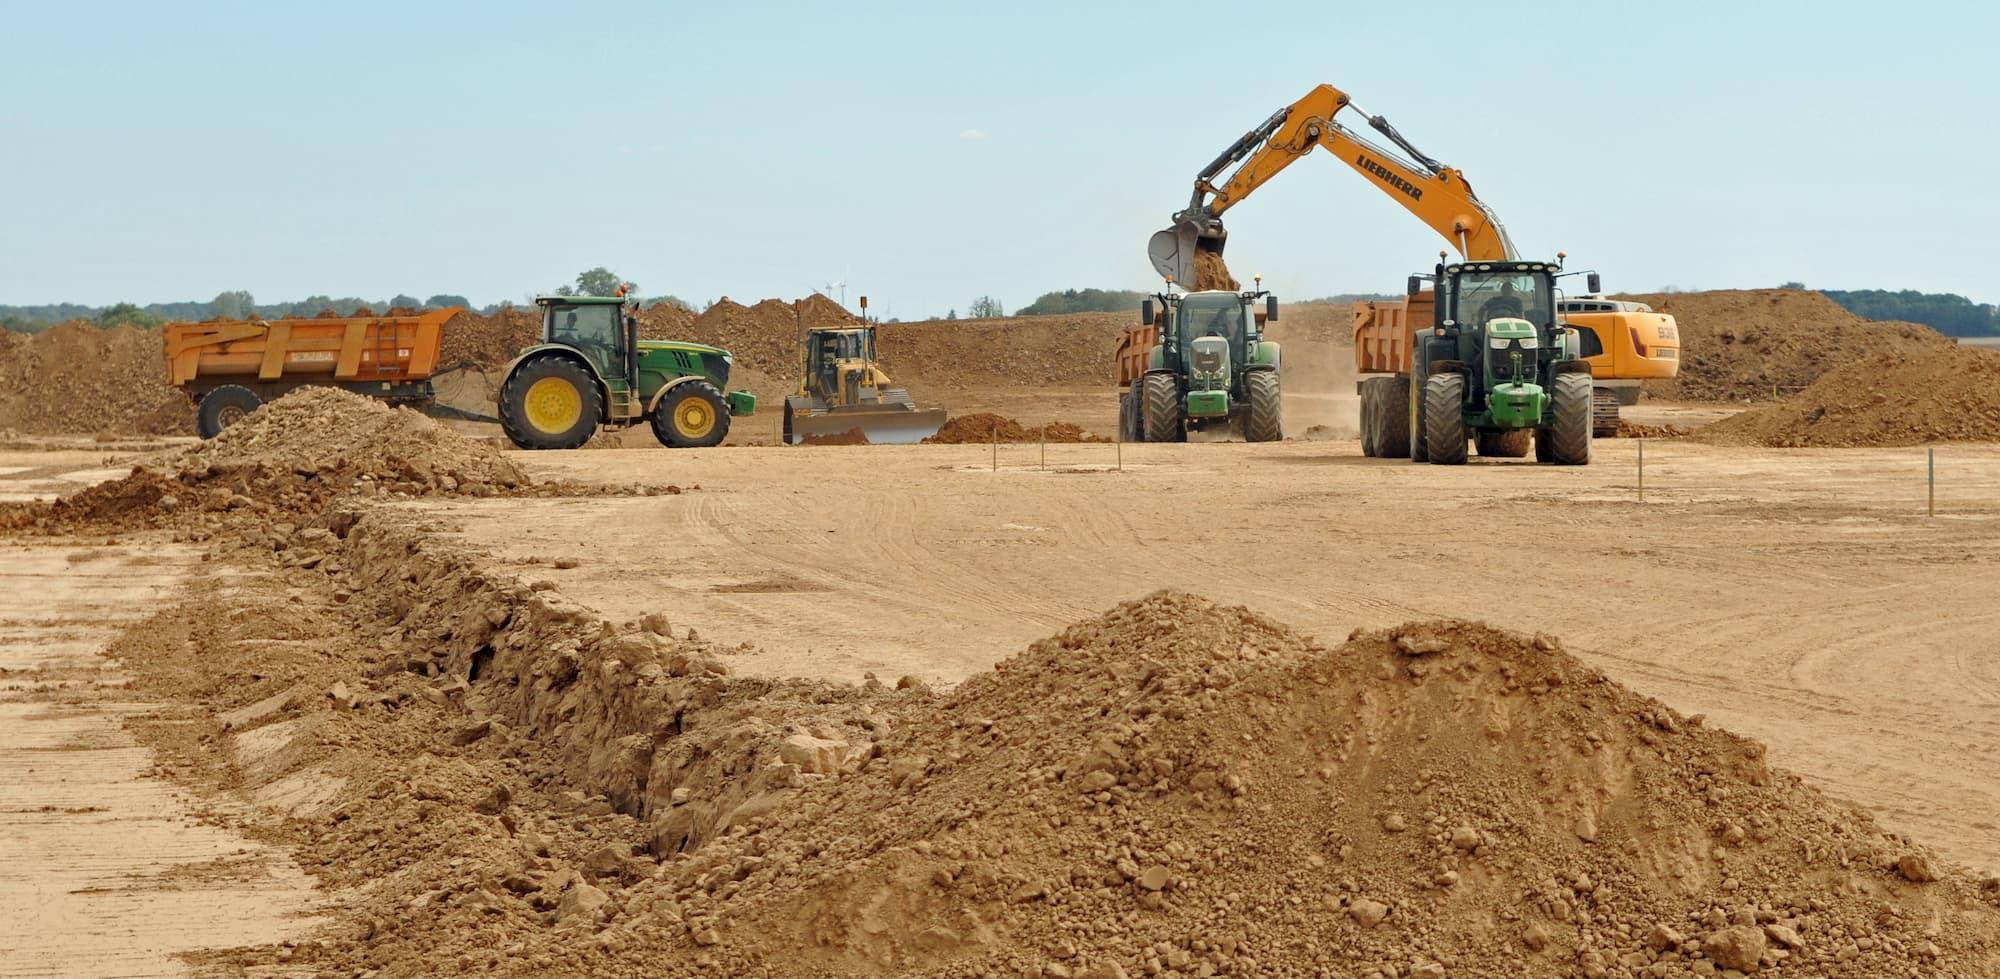 Reportage photo sur le terrain pour le secteur de la construction et du btp